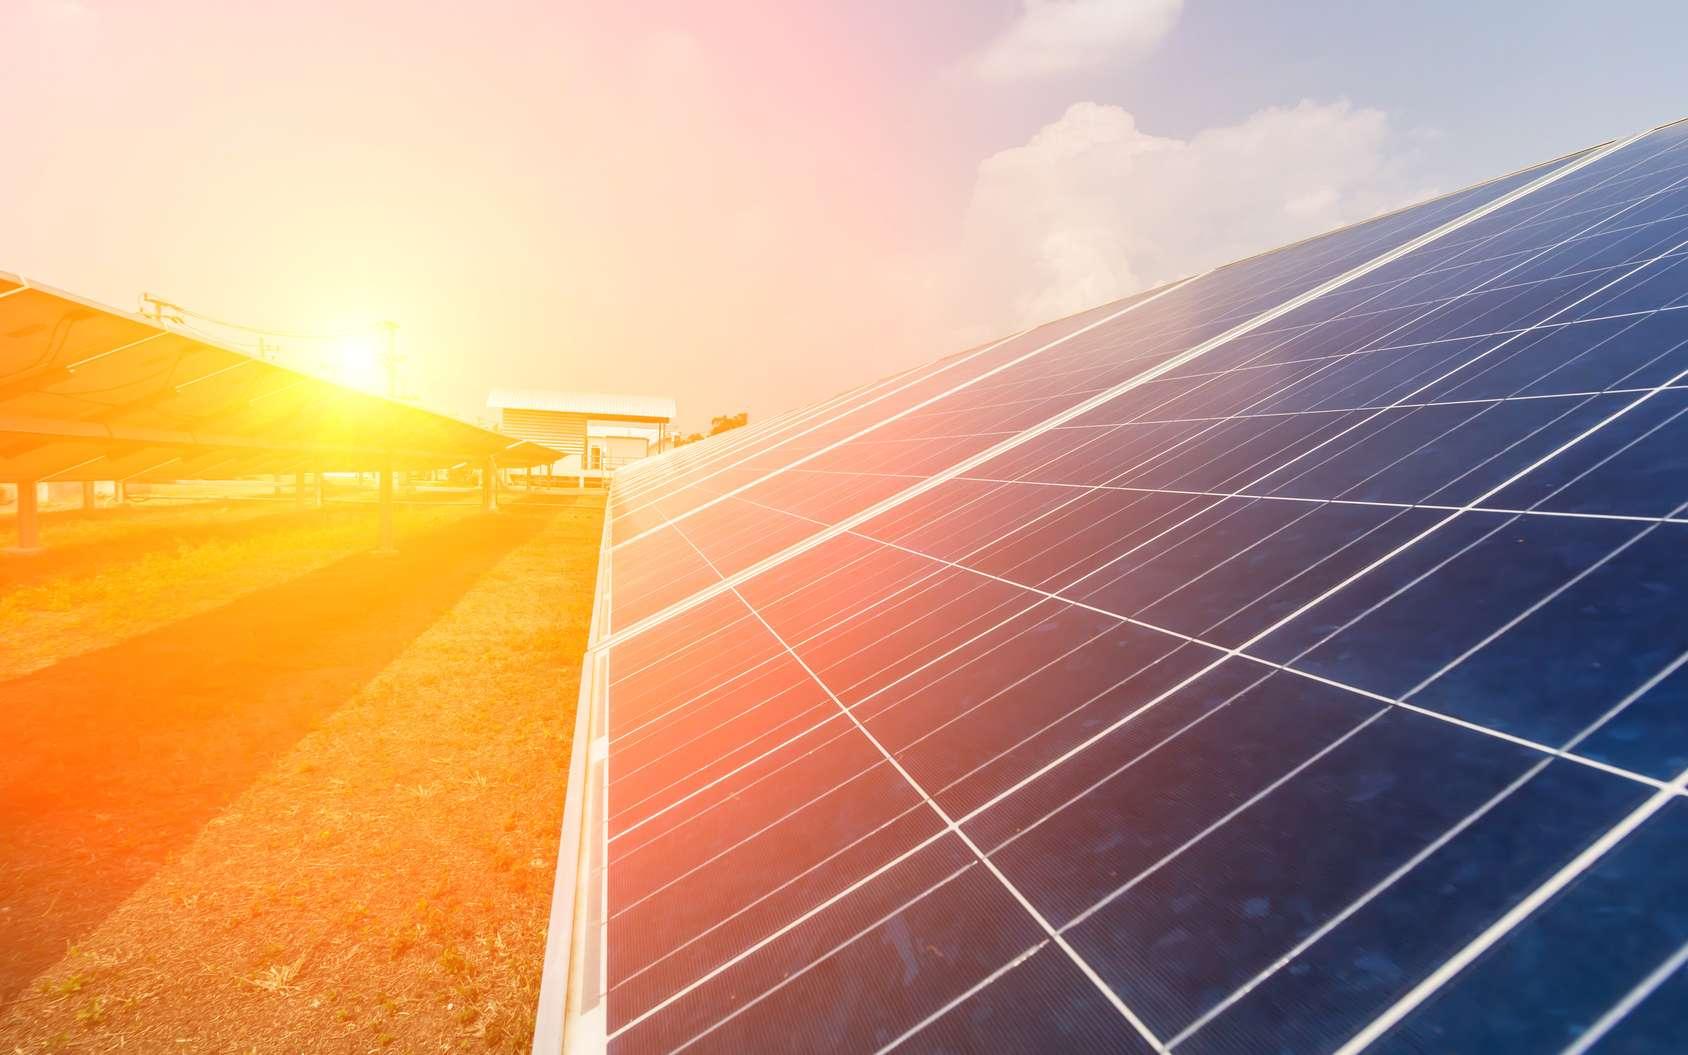 La production d'énergie photovoltaïque est très sensible aux températures. © Kampan, Fotolia